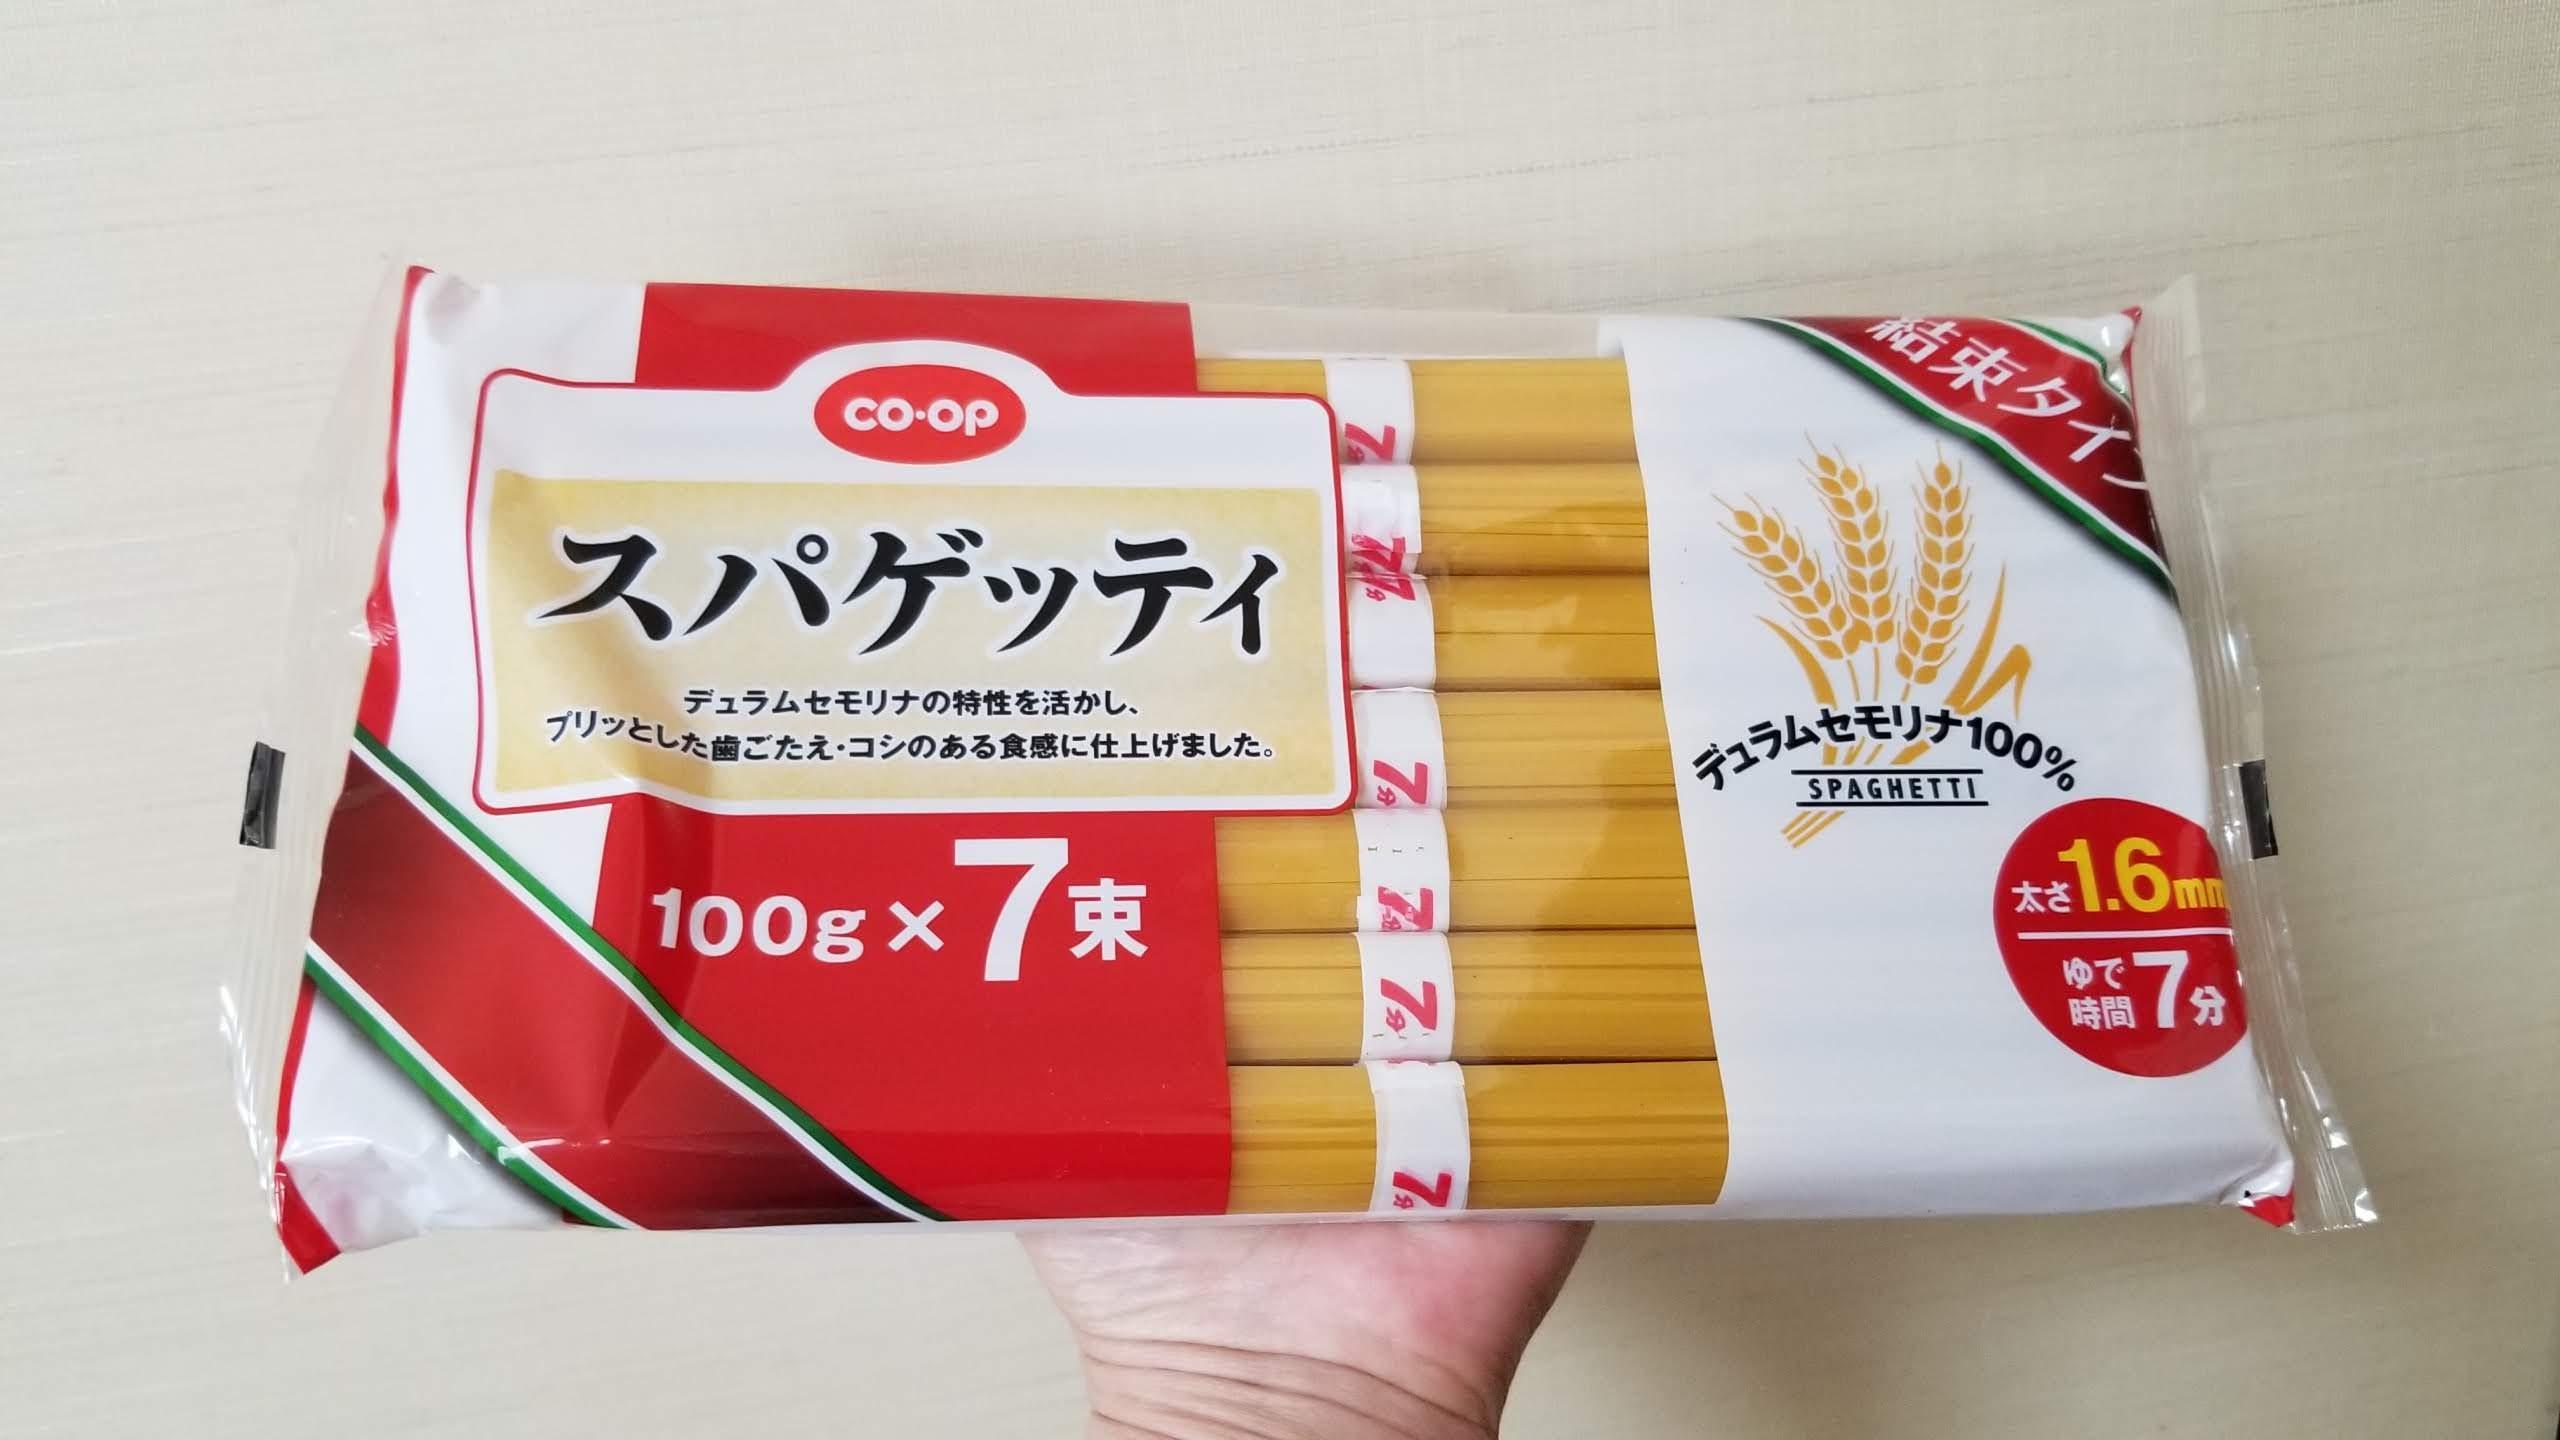 スパゲッティ1.6mm(結束タイプ) 100g×7束/生協_20200505_113856